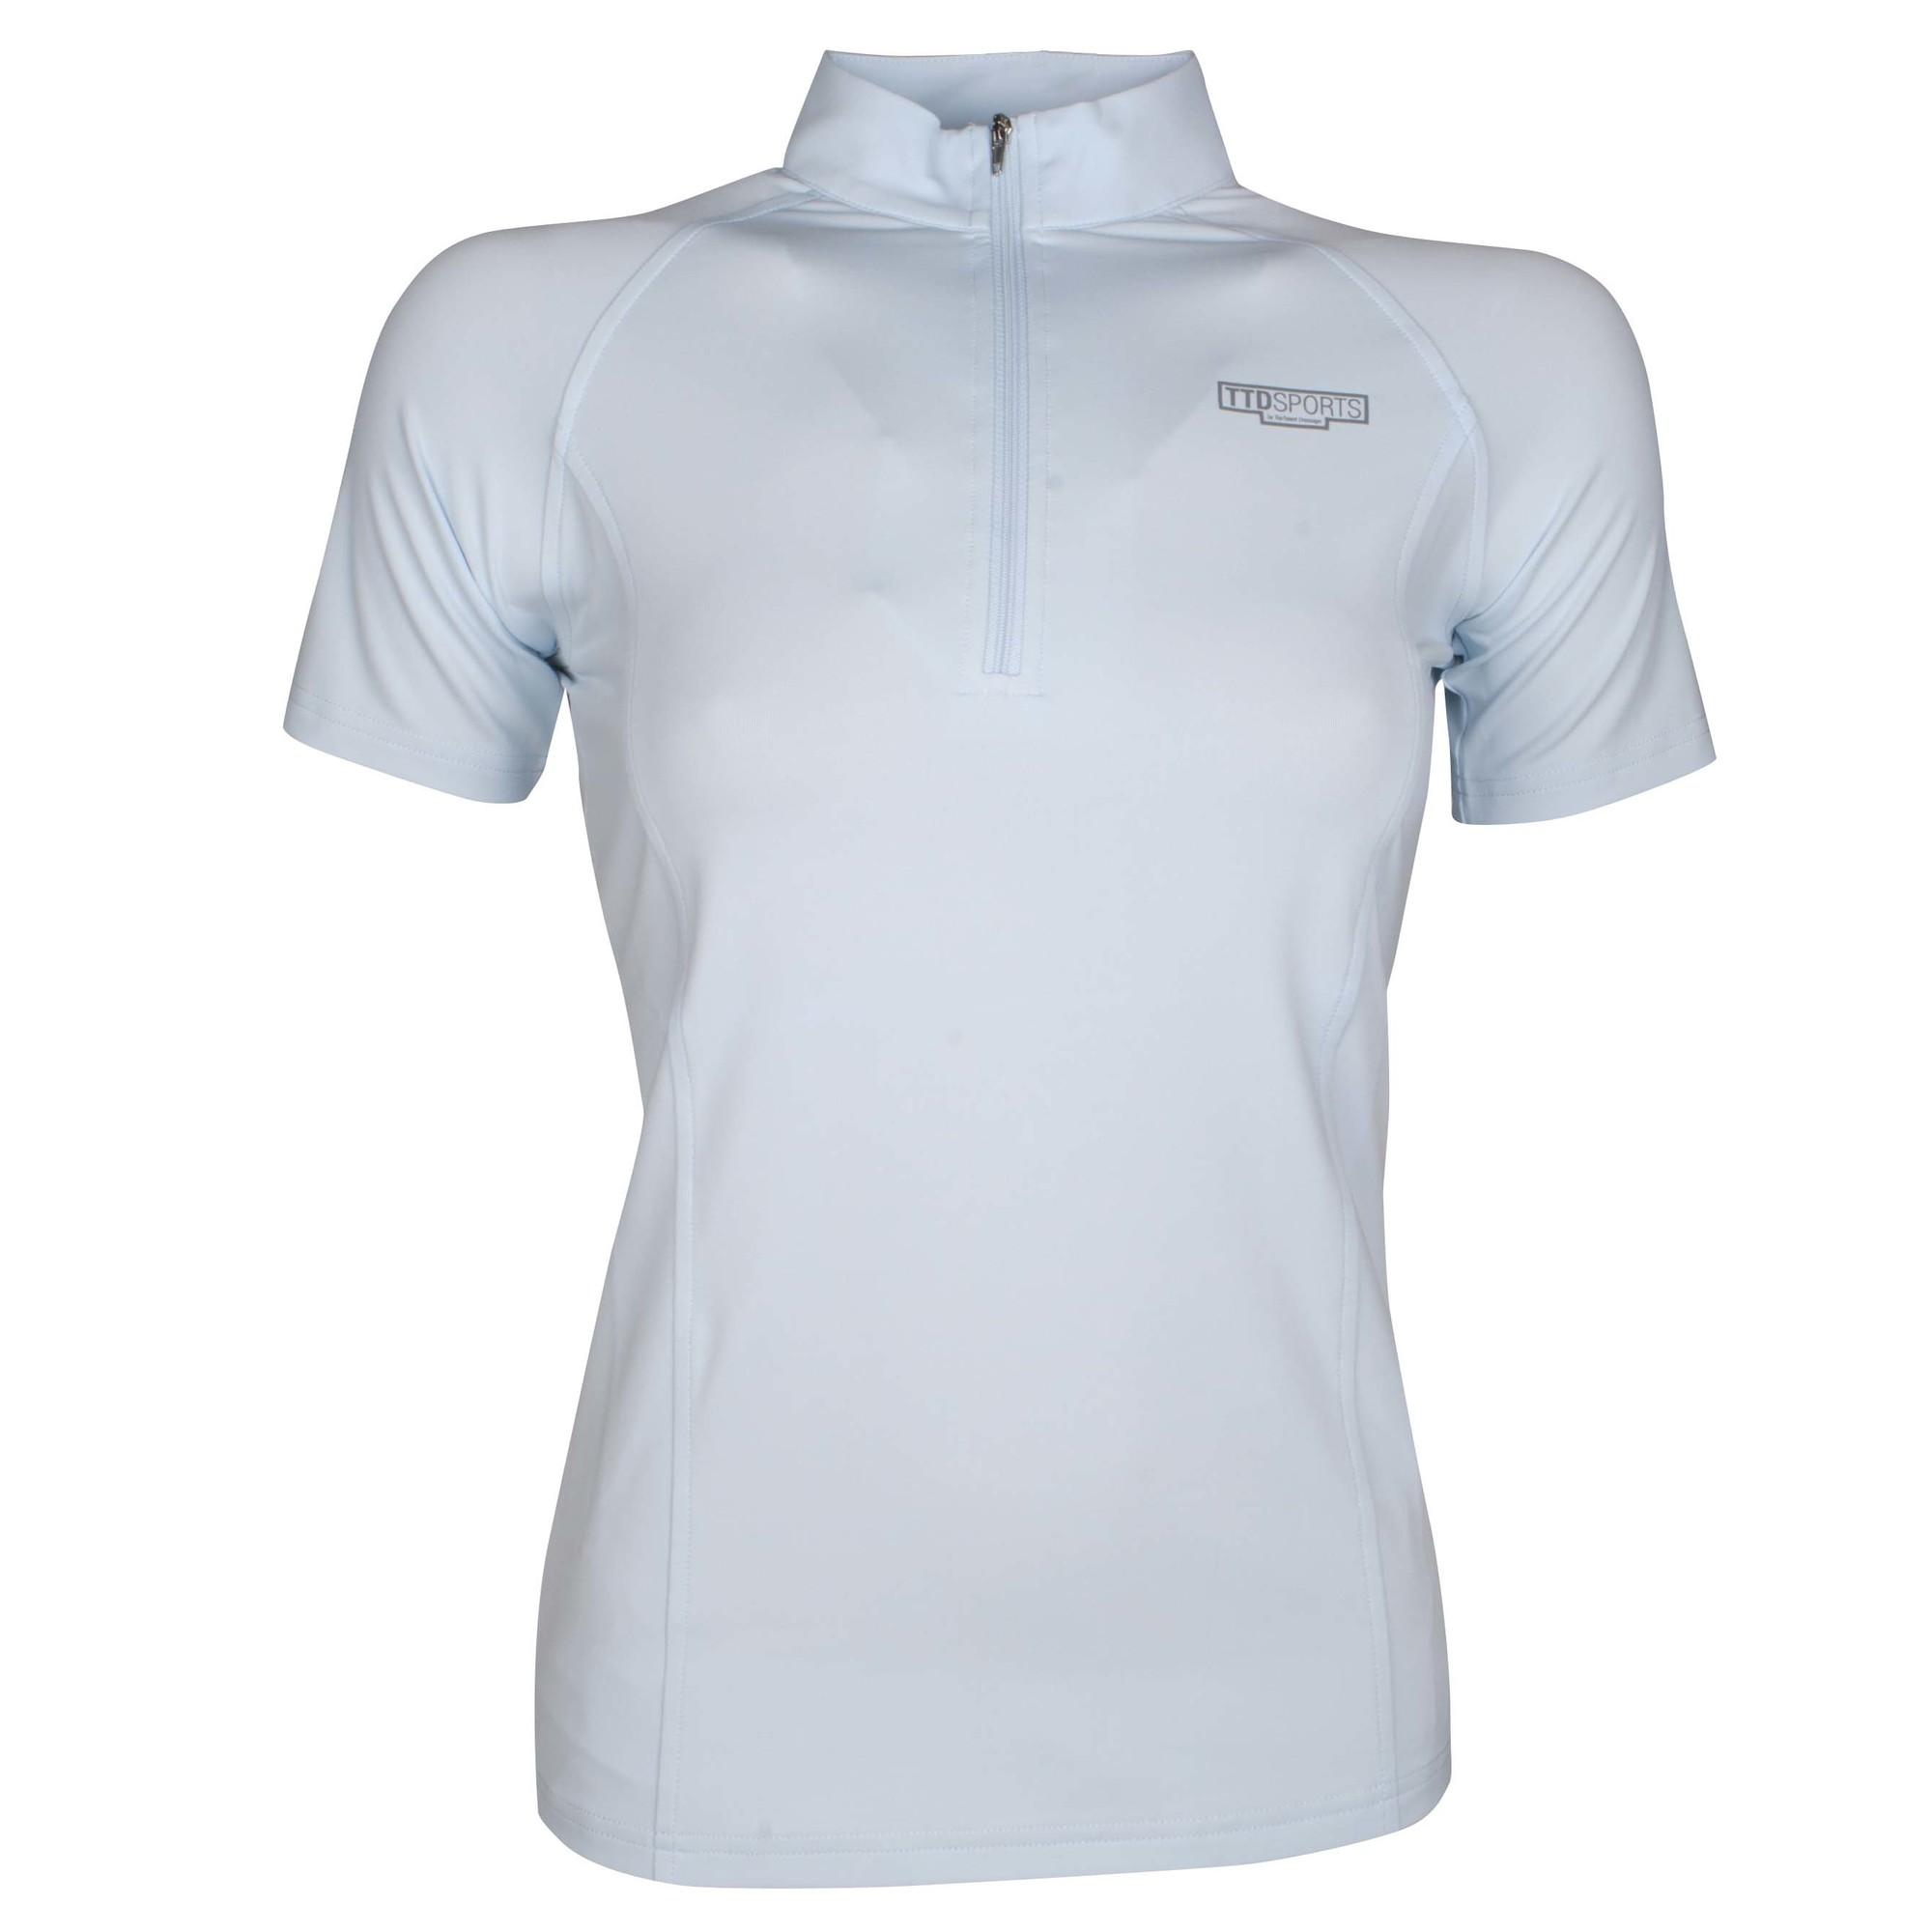 TTD Shaquille tshirt lichtblauw maat:m